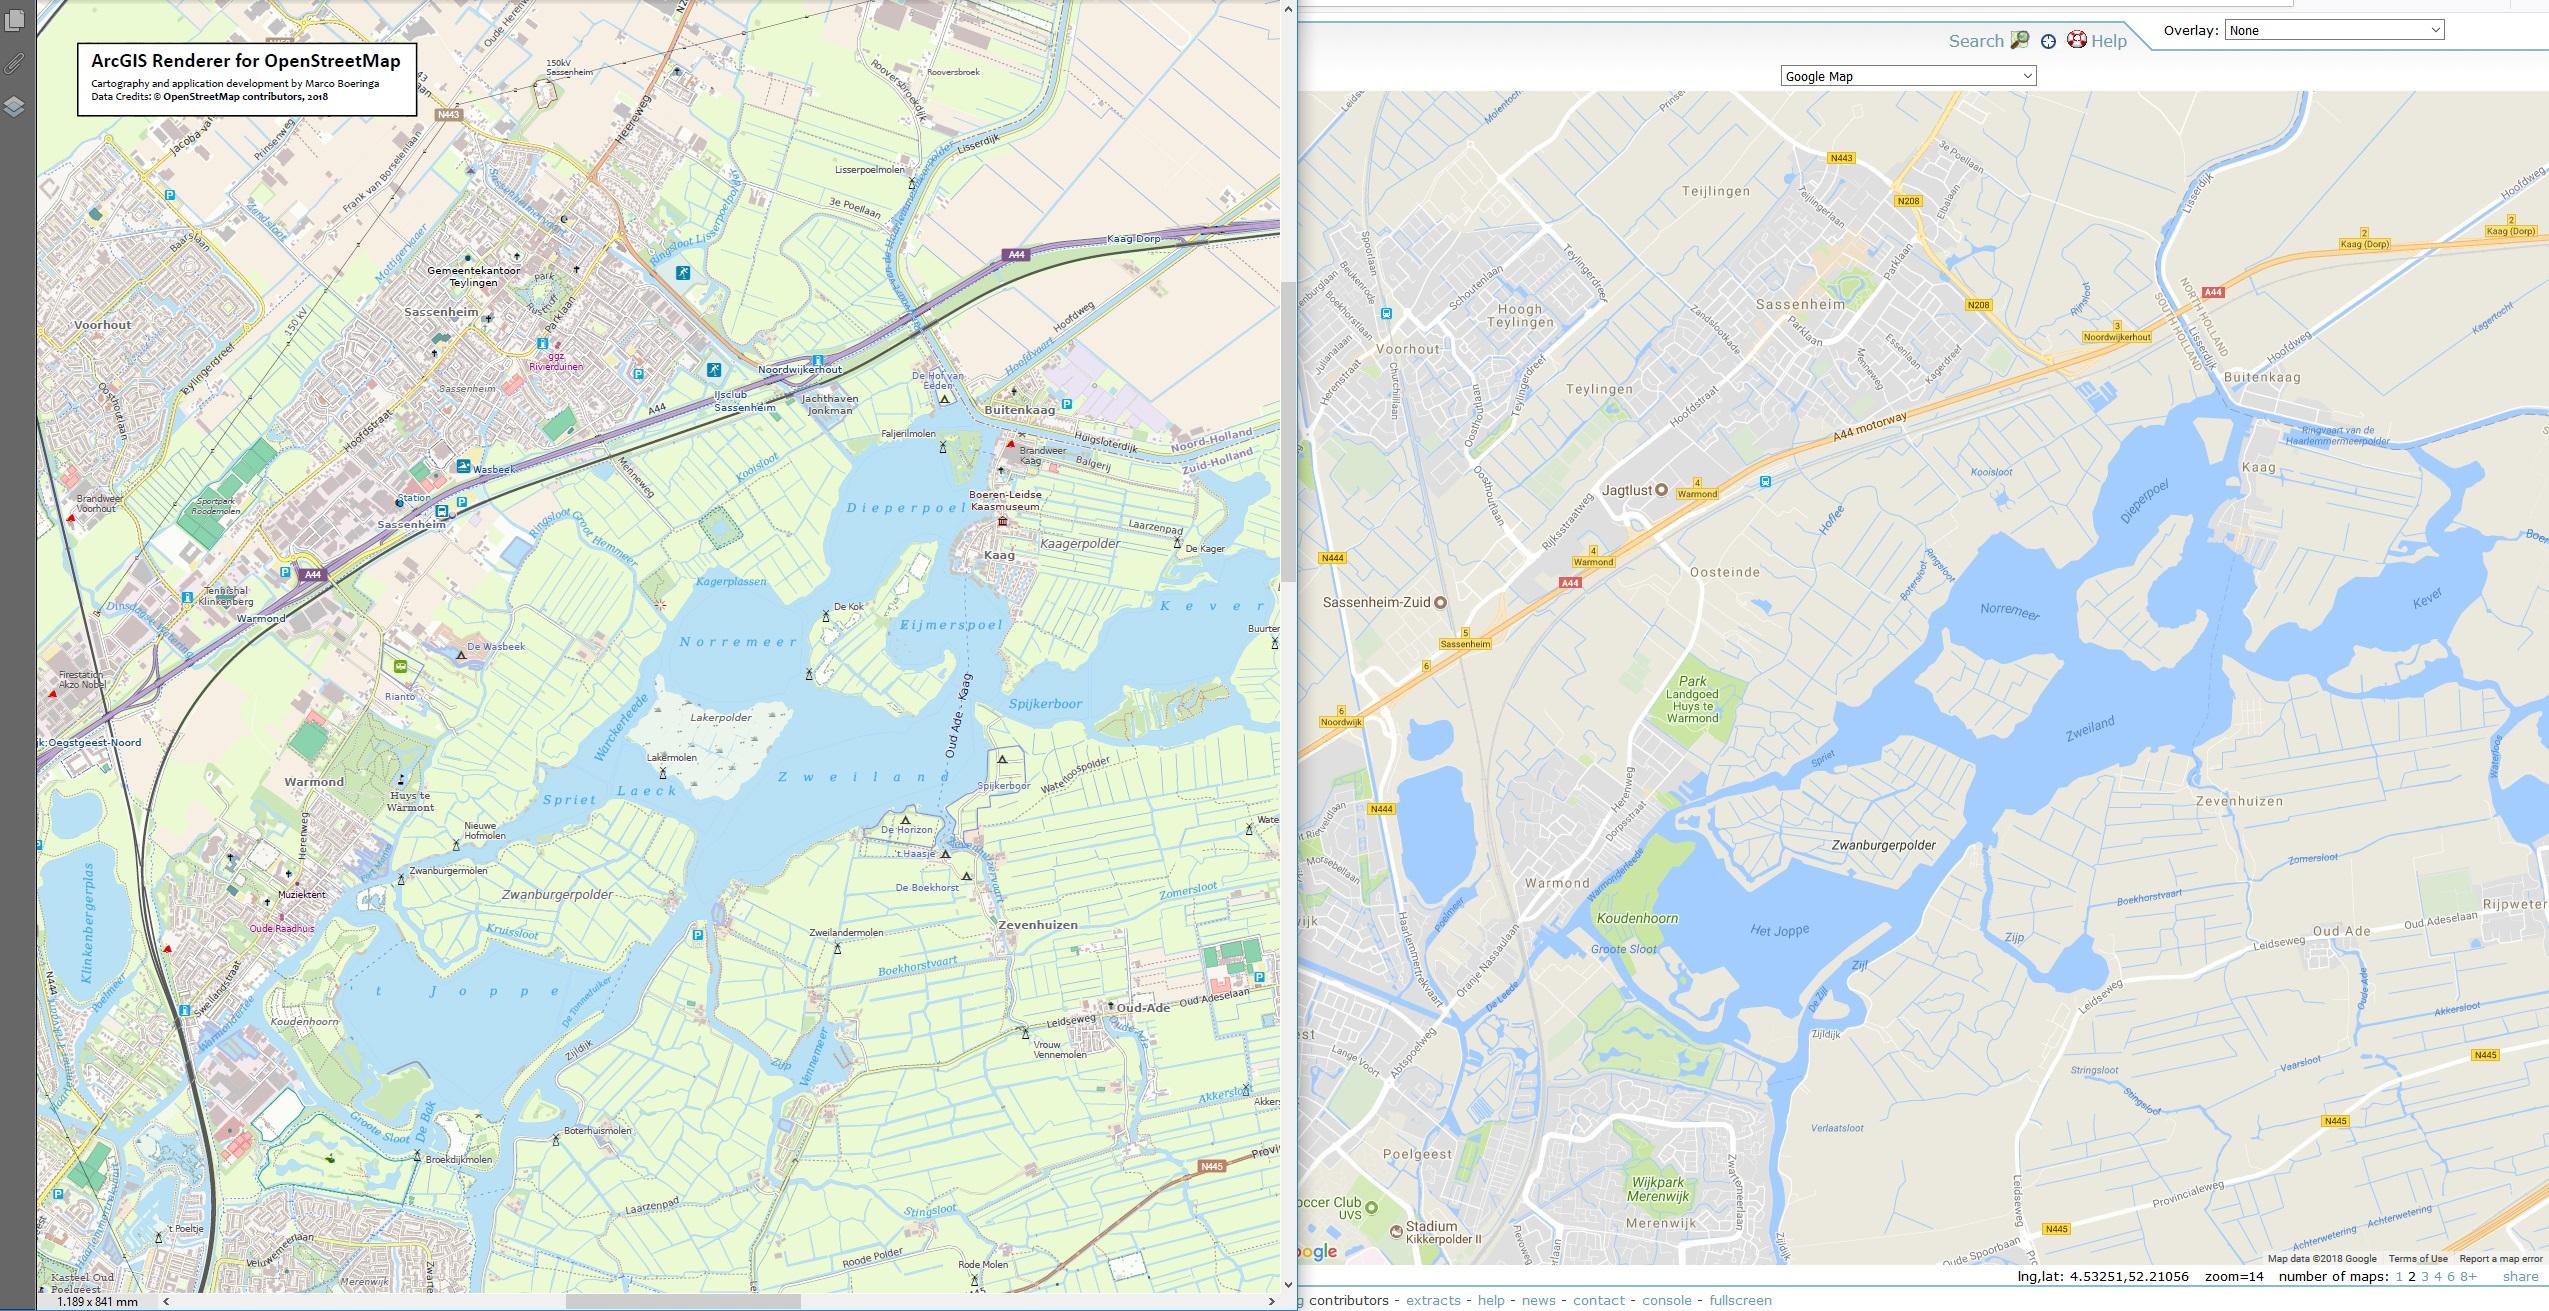 ArcGIS Renderer for OpenStreetMap - The_Netherlands - Kagerplassen